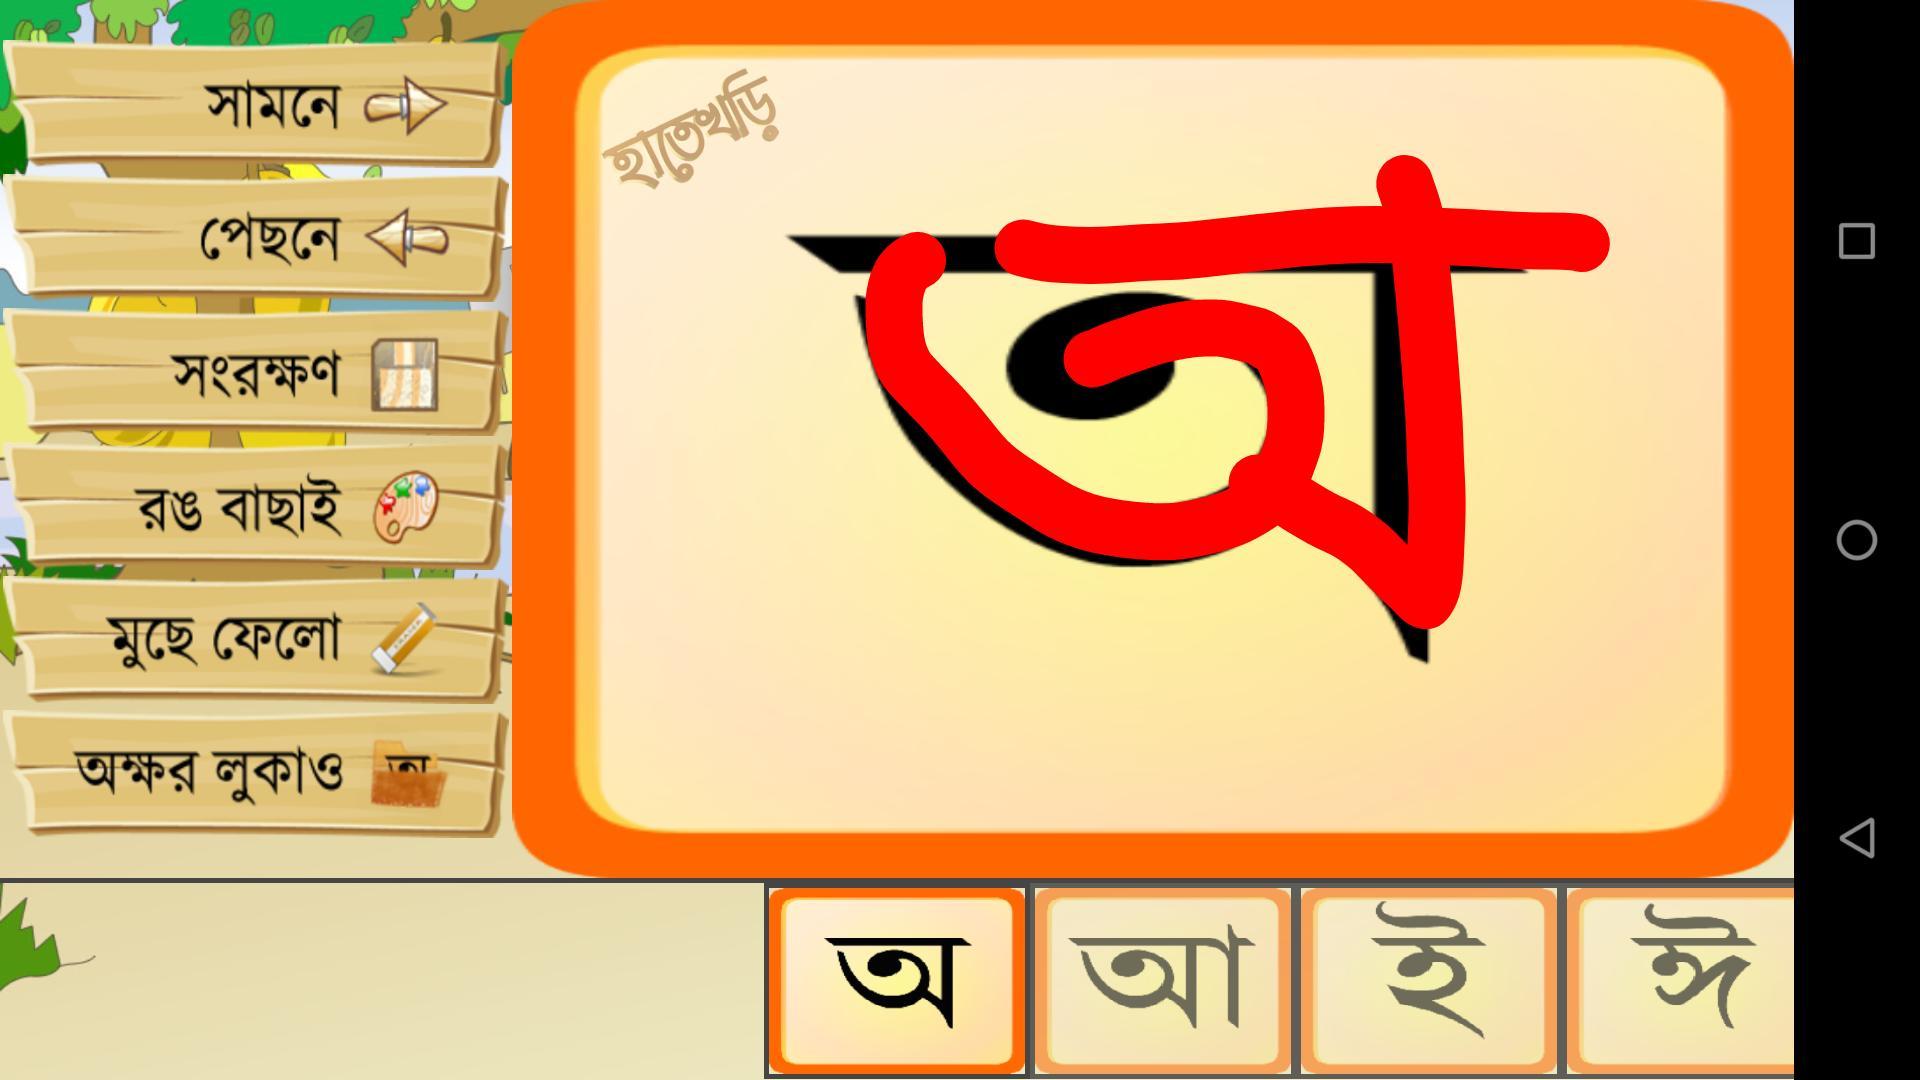 হাতে খড়ি (Bangla Alphabet) for Android - APK Download